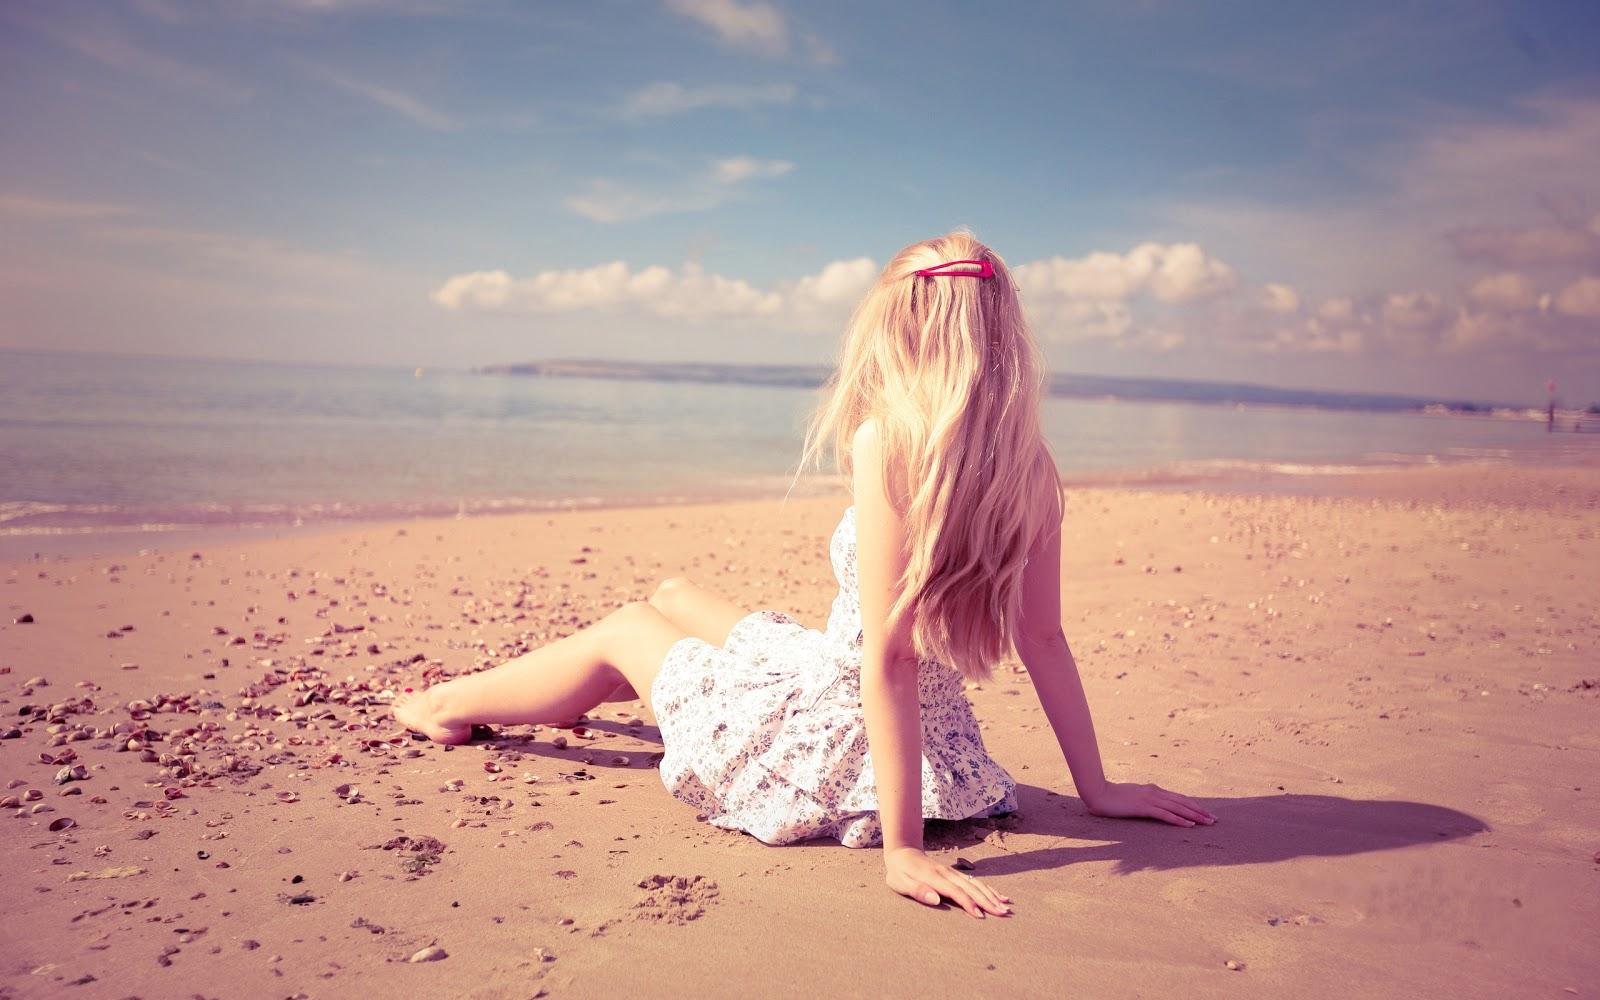 http://2.bp.blogspot.com/-oh612PA6wg8/UHqVKHIhI0I/AAAAAAAAA-Y/JSNB7agu14E/s1600/Blonde+Girl+Sand+Beach+Photo+HD+Wallpaper+-+LoveWallpapers4u.Blogspot.Com.jpg